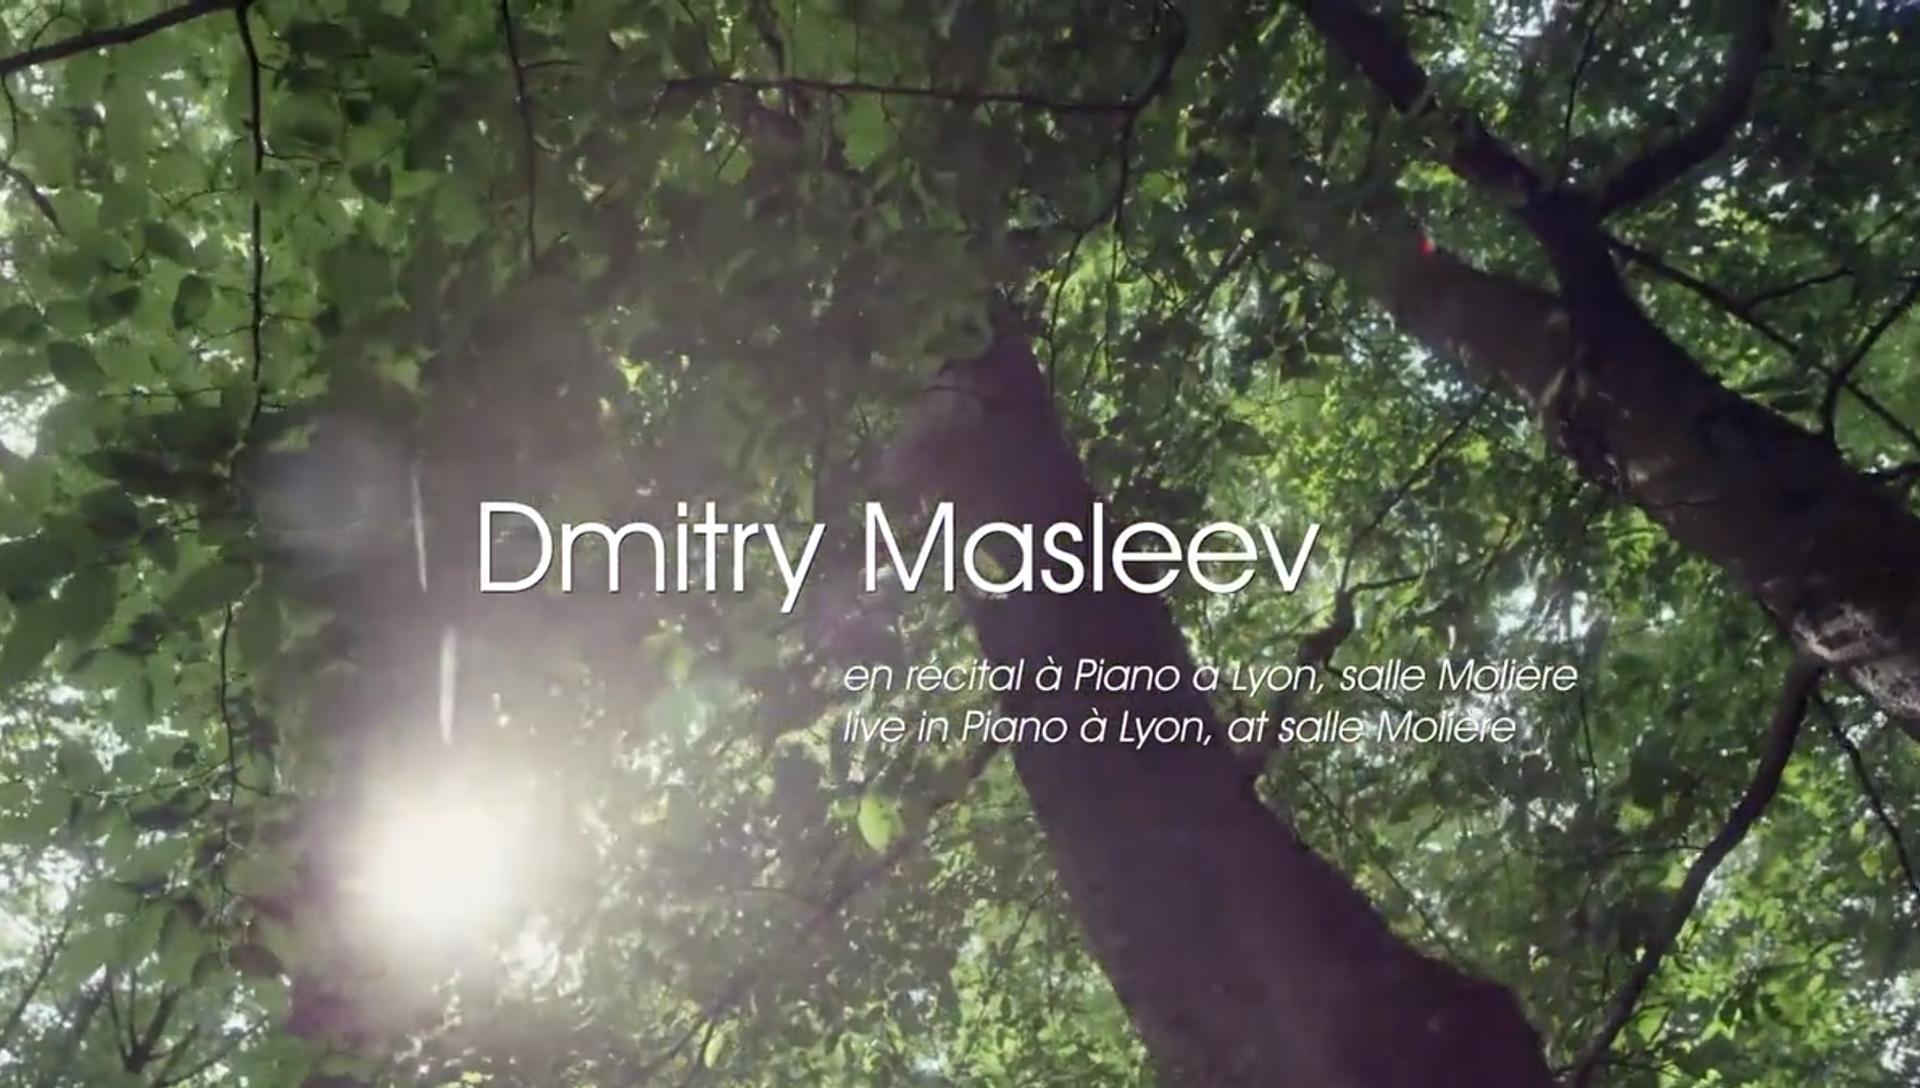 DMITRY MASLEEV - CREATION 4K - 70'